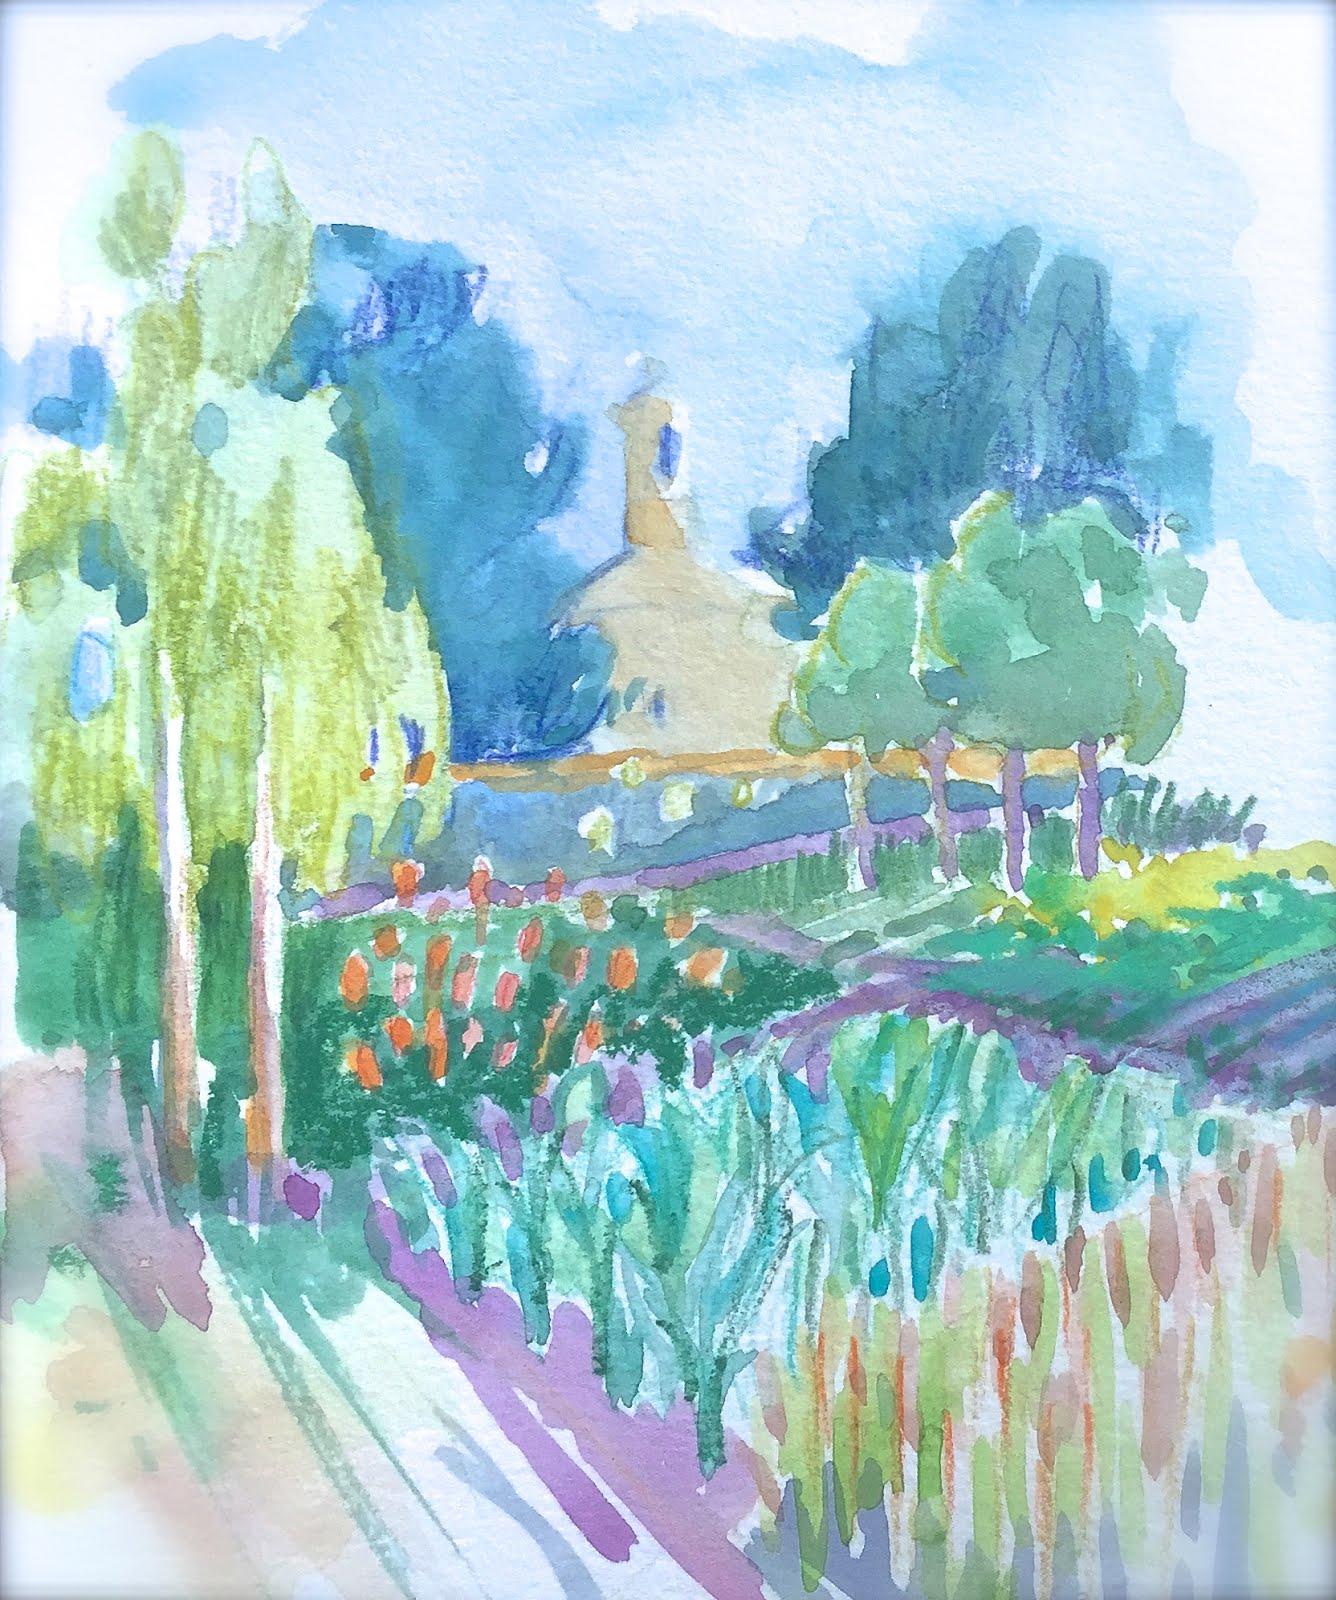 El Jardín de la Botica